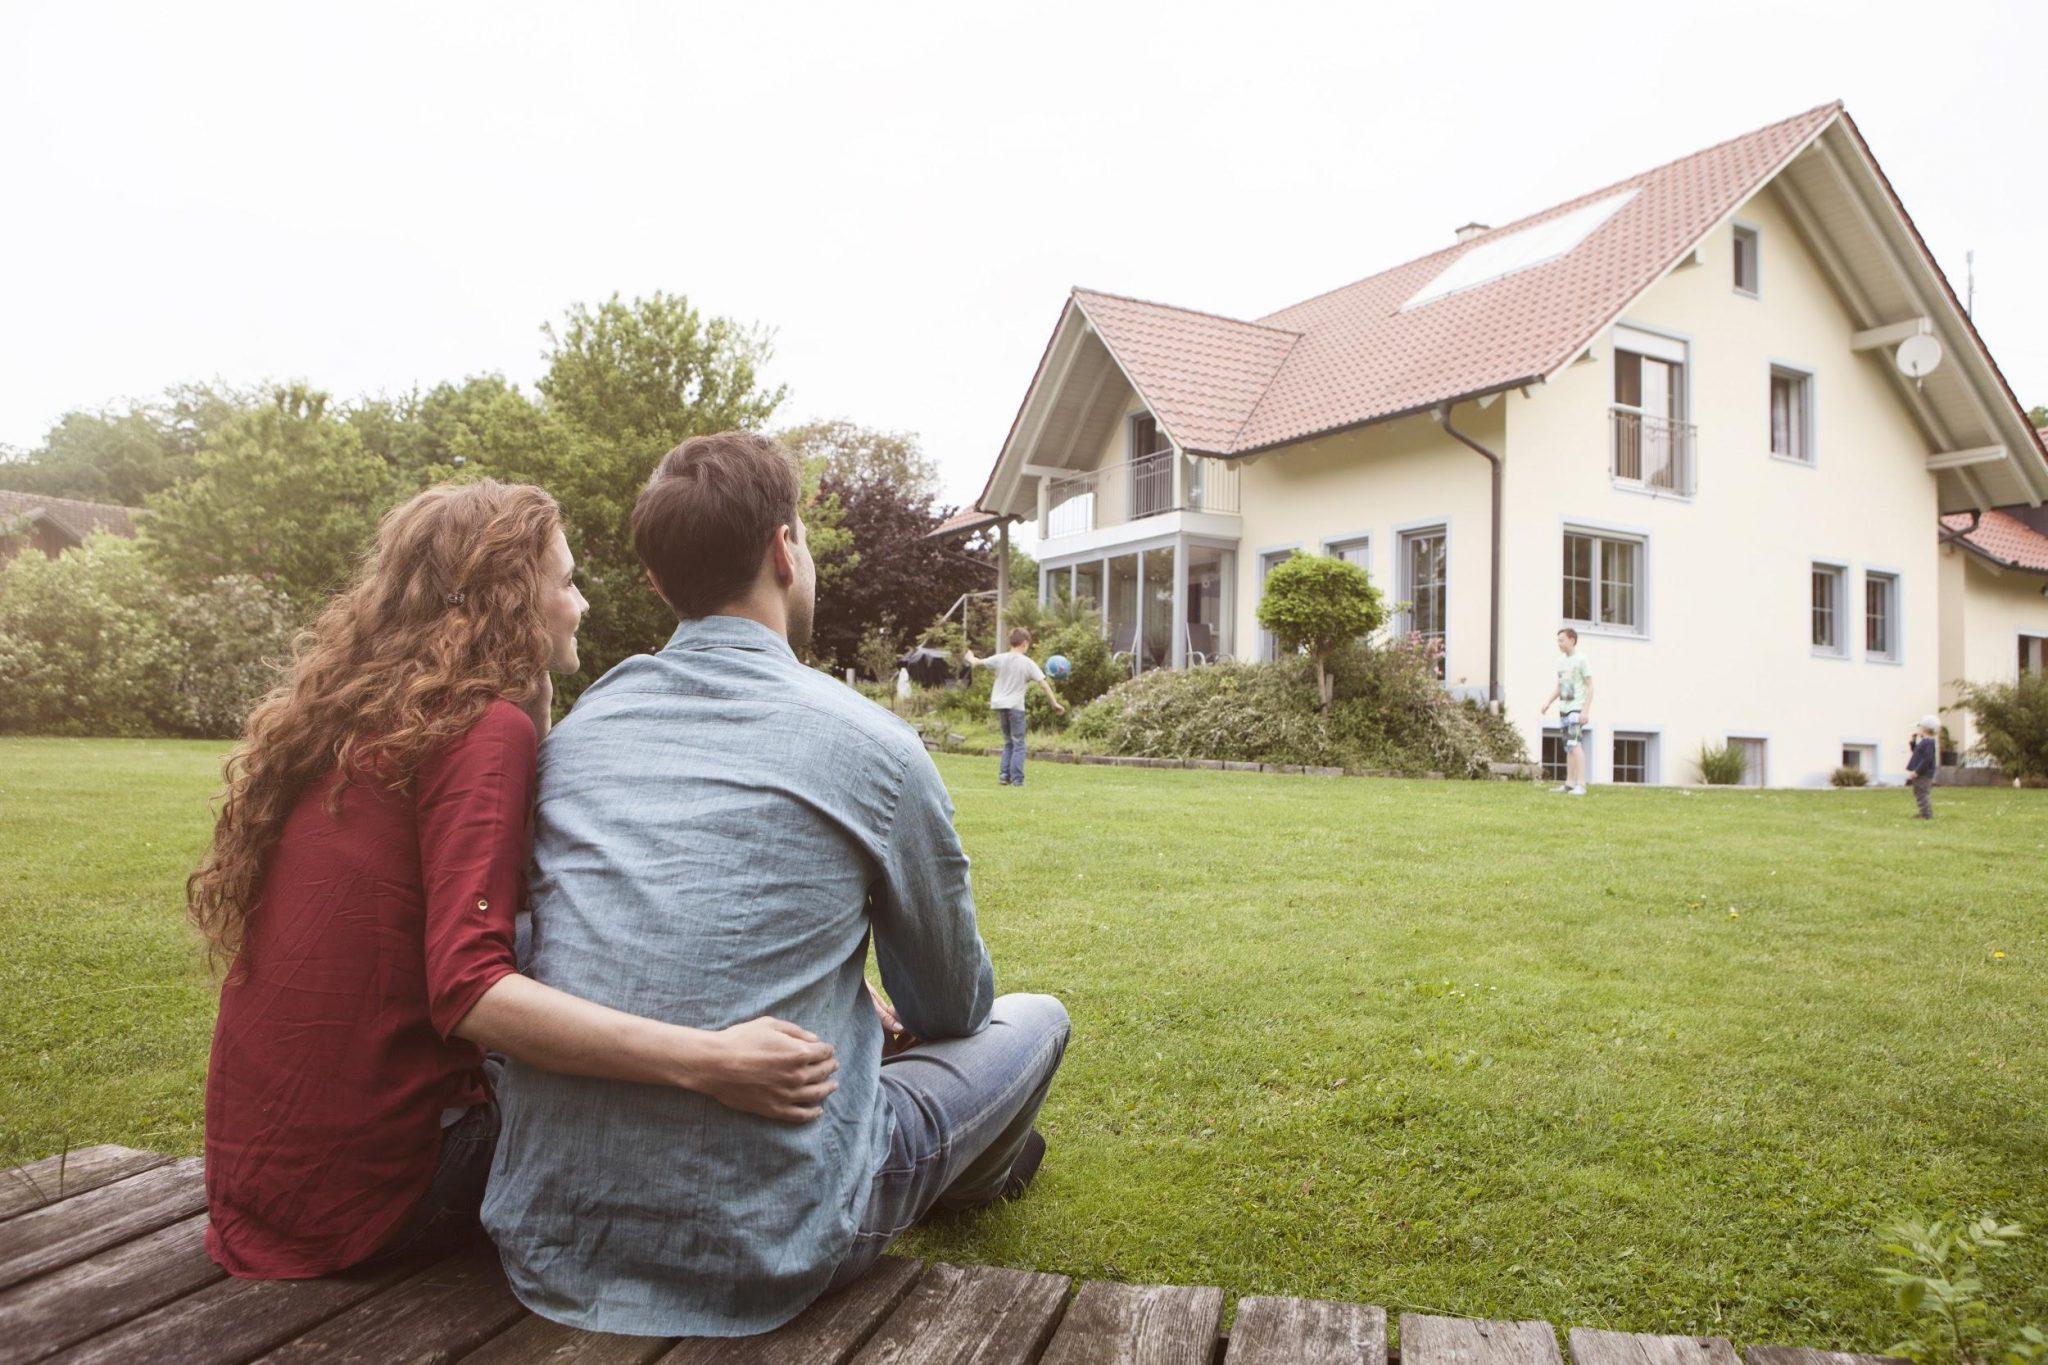 Российские семьи могут воспользоваться расширенной льготной ипотекой. Кто ее получит?